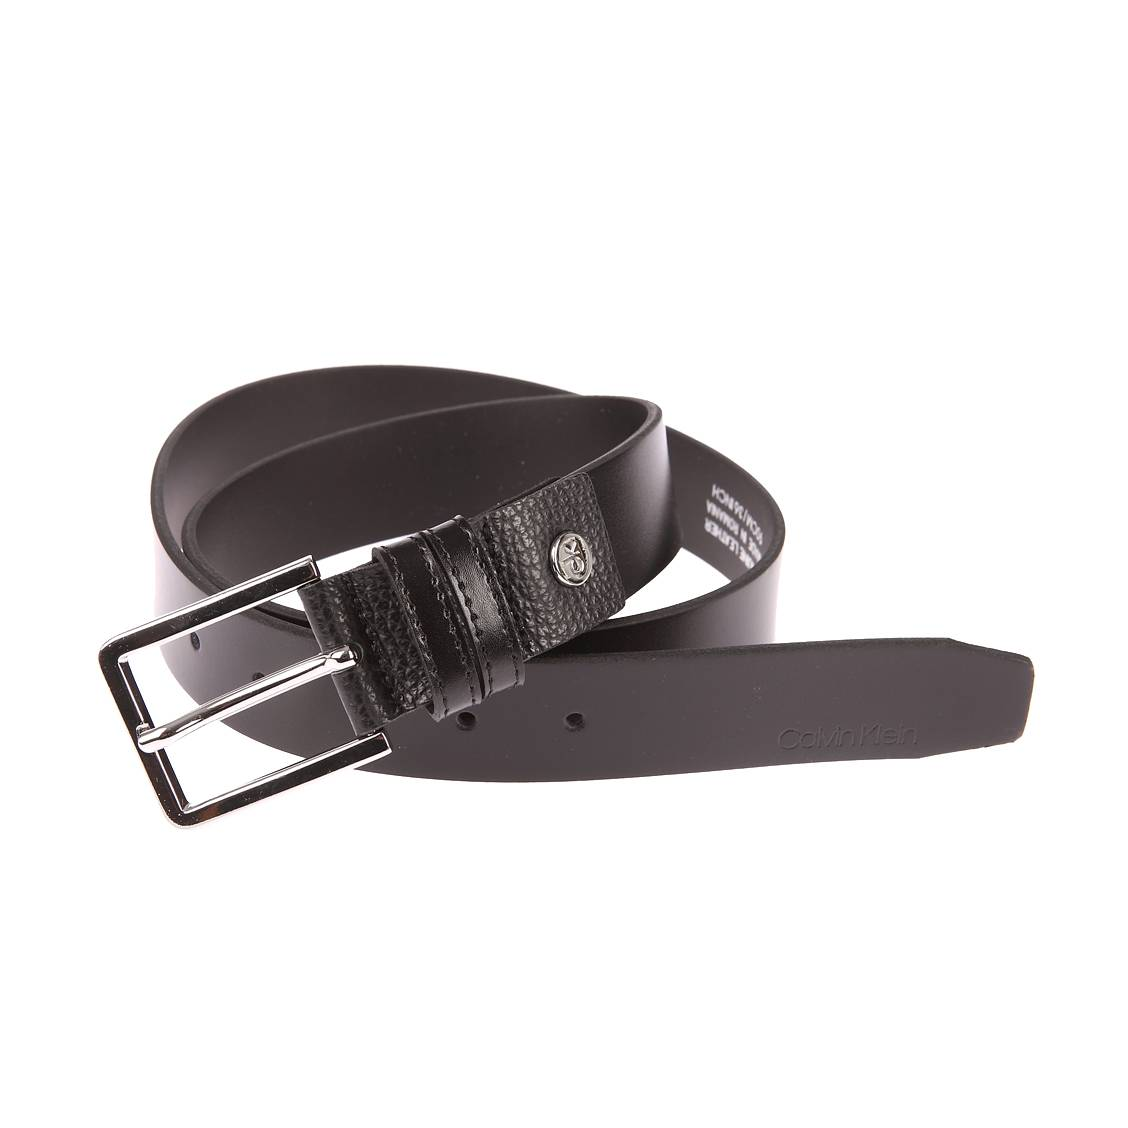 49ebf65706d Ceinture ajustable Calvin Klein Jeans Double Loop en cuir véritable noir à  double passant et boucle ...